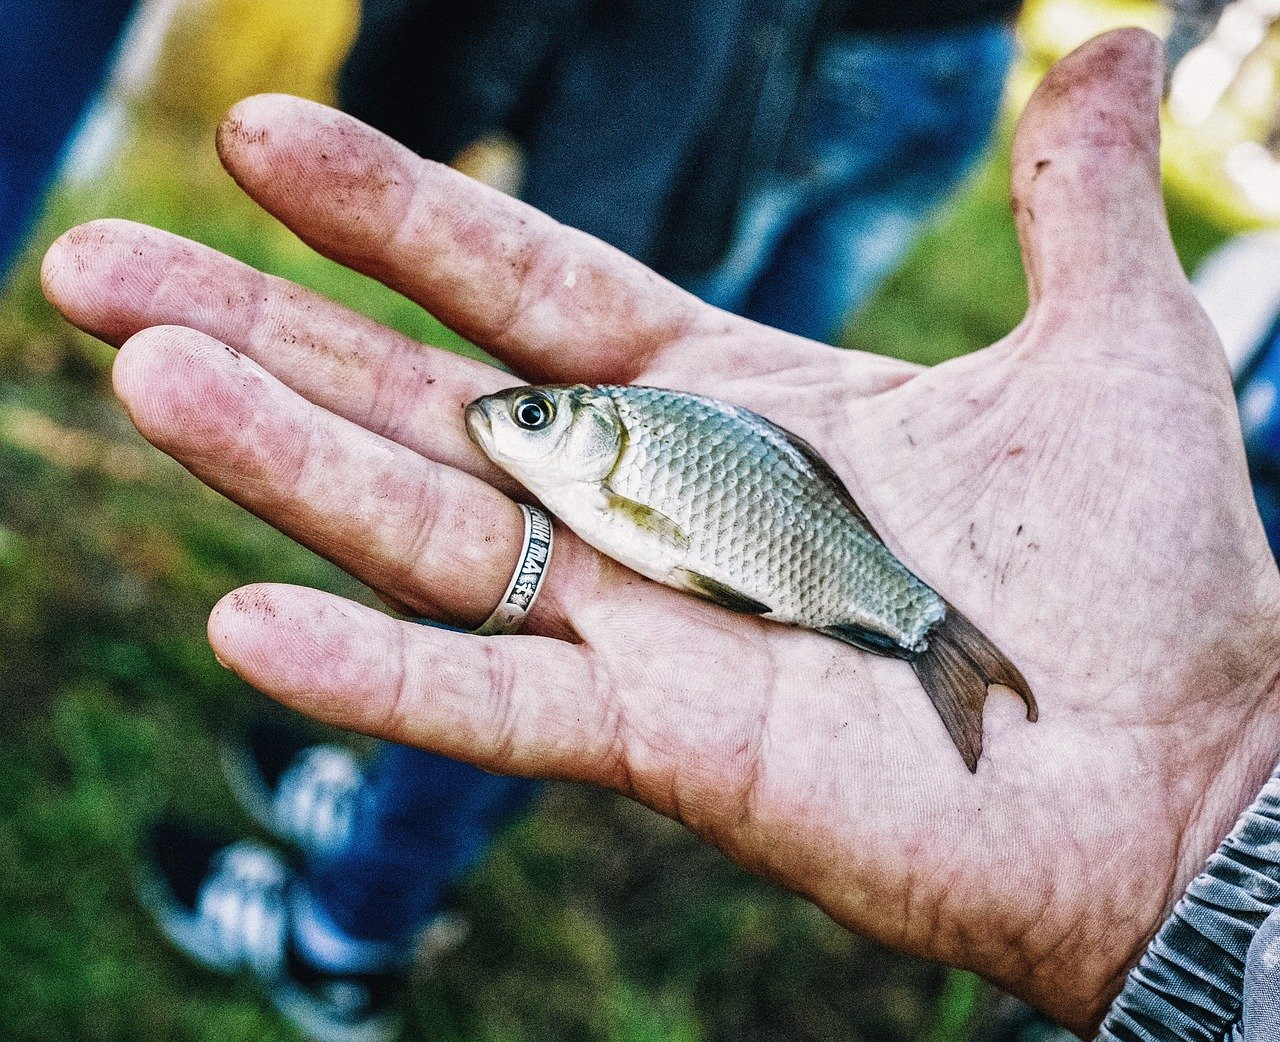 Tafsir Mimpi menangkap ikan